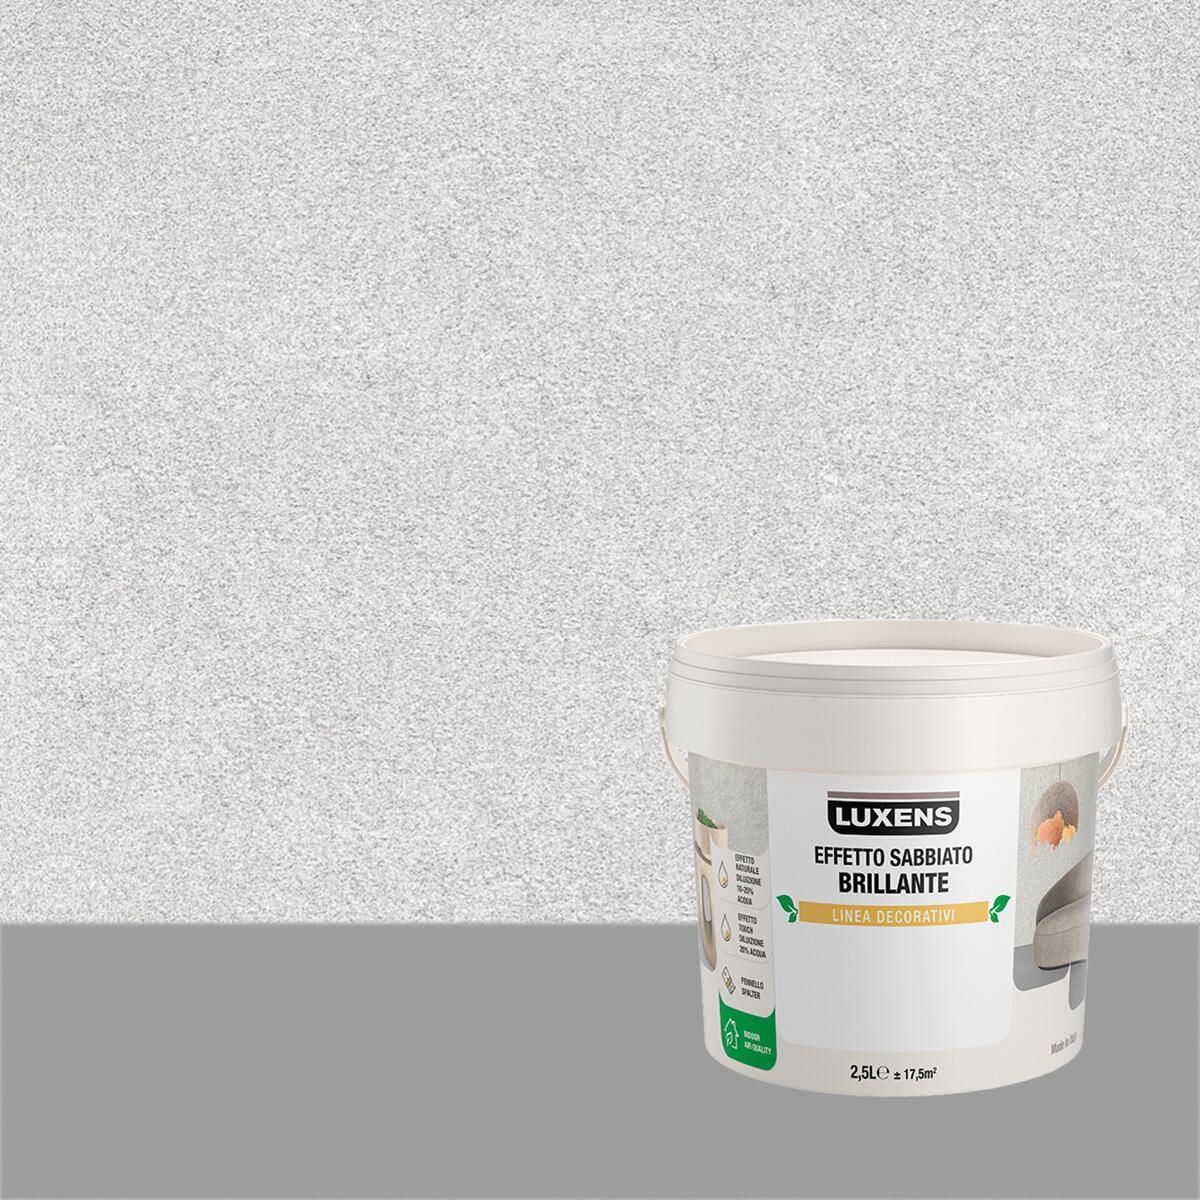 Scegliere le vernici giuste per le pareti interne o esterne di un'abitazione è molto importante. Pittura Decorativa Luxens 2 5 L Grigio Argento Effetto Sabbiato Leroy Merlin